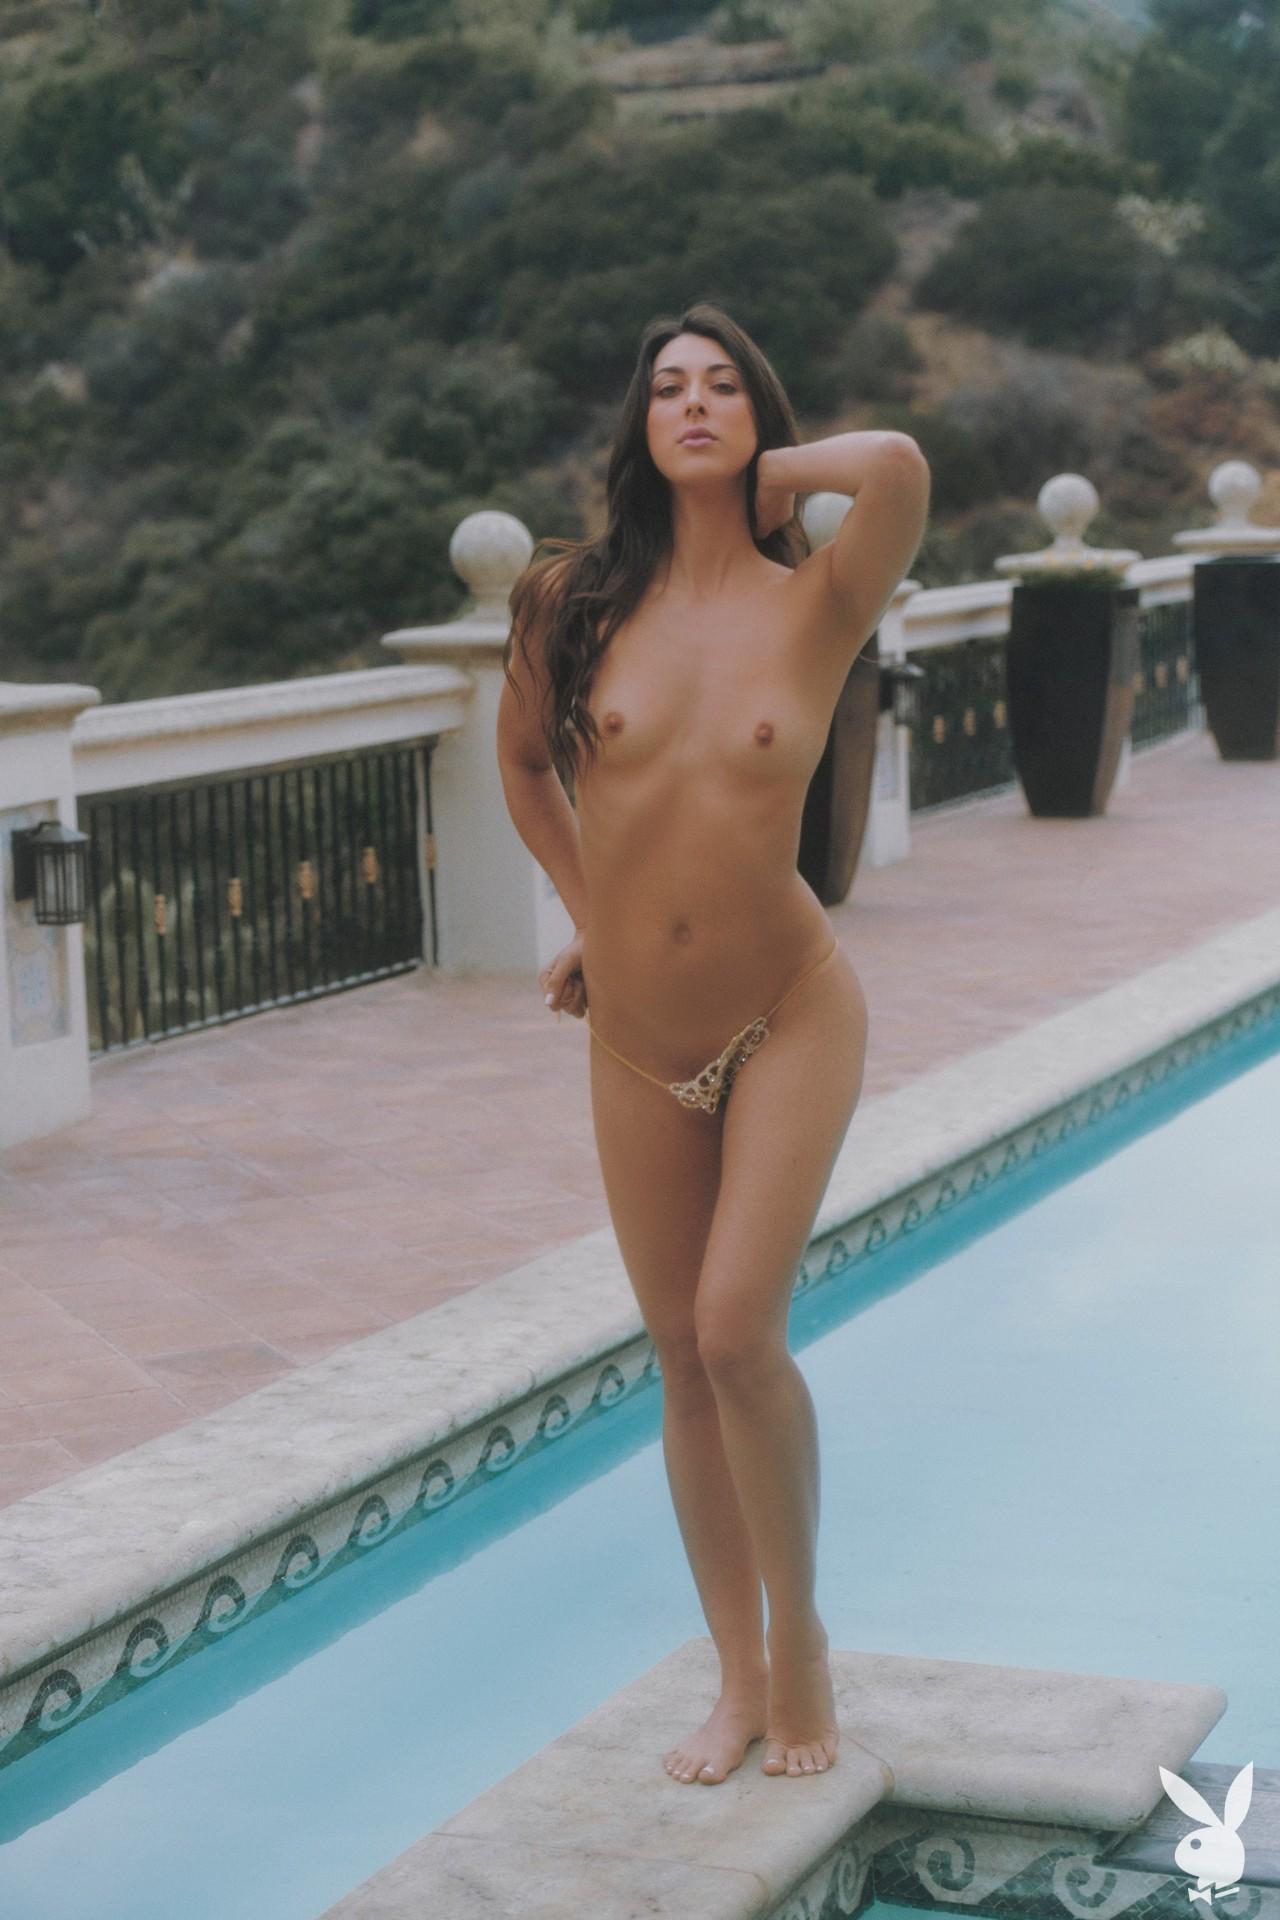 Brett Barletta - Playboy photoshoot